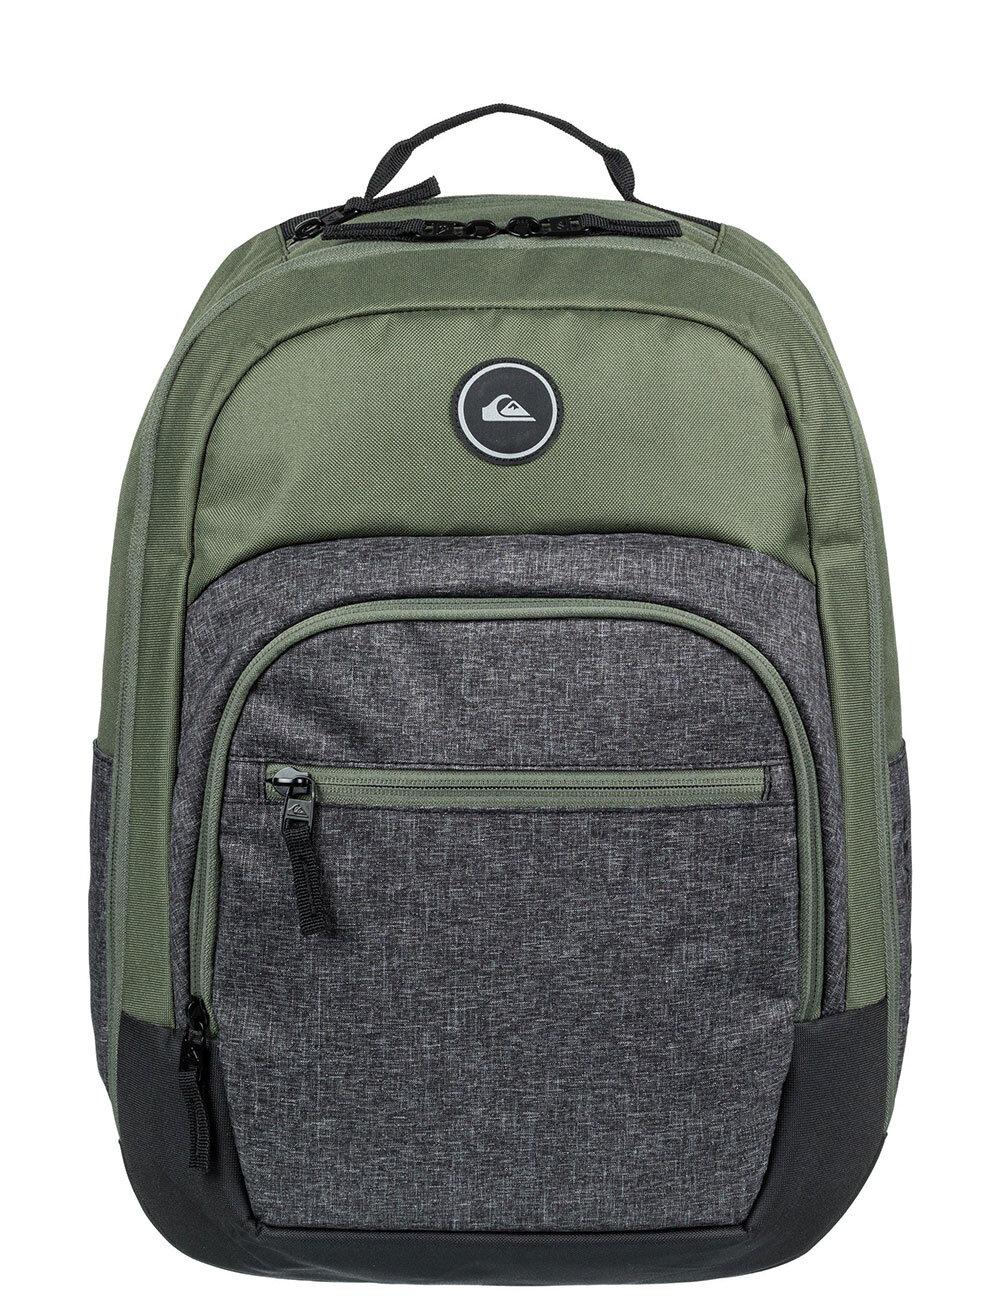 efa2ac91f5d4 SCHOOLIE COOLER BACKPACK - Men's Accessories - Shop Sunnies, Hats, Bags &  More | Backdoor - QUIKSILVER S18